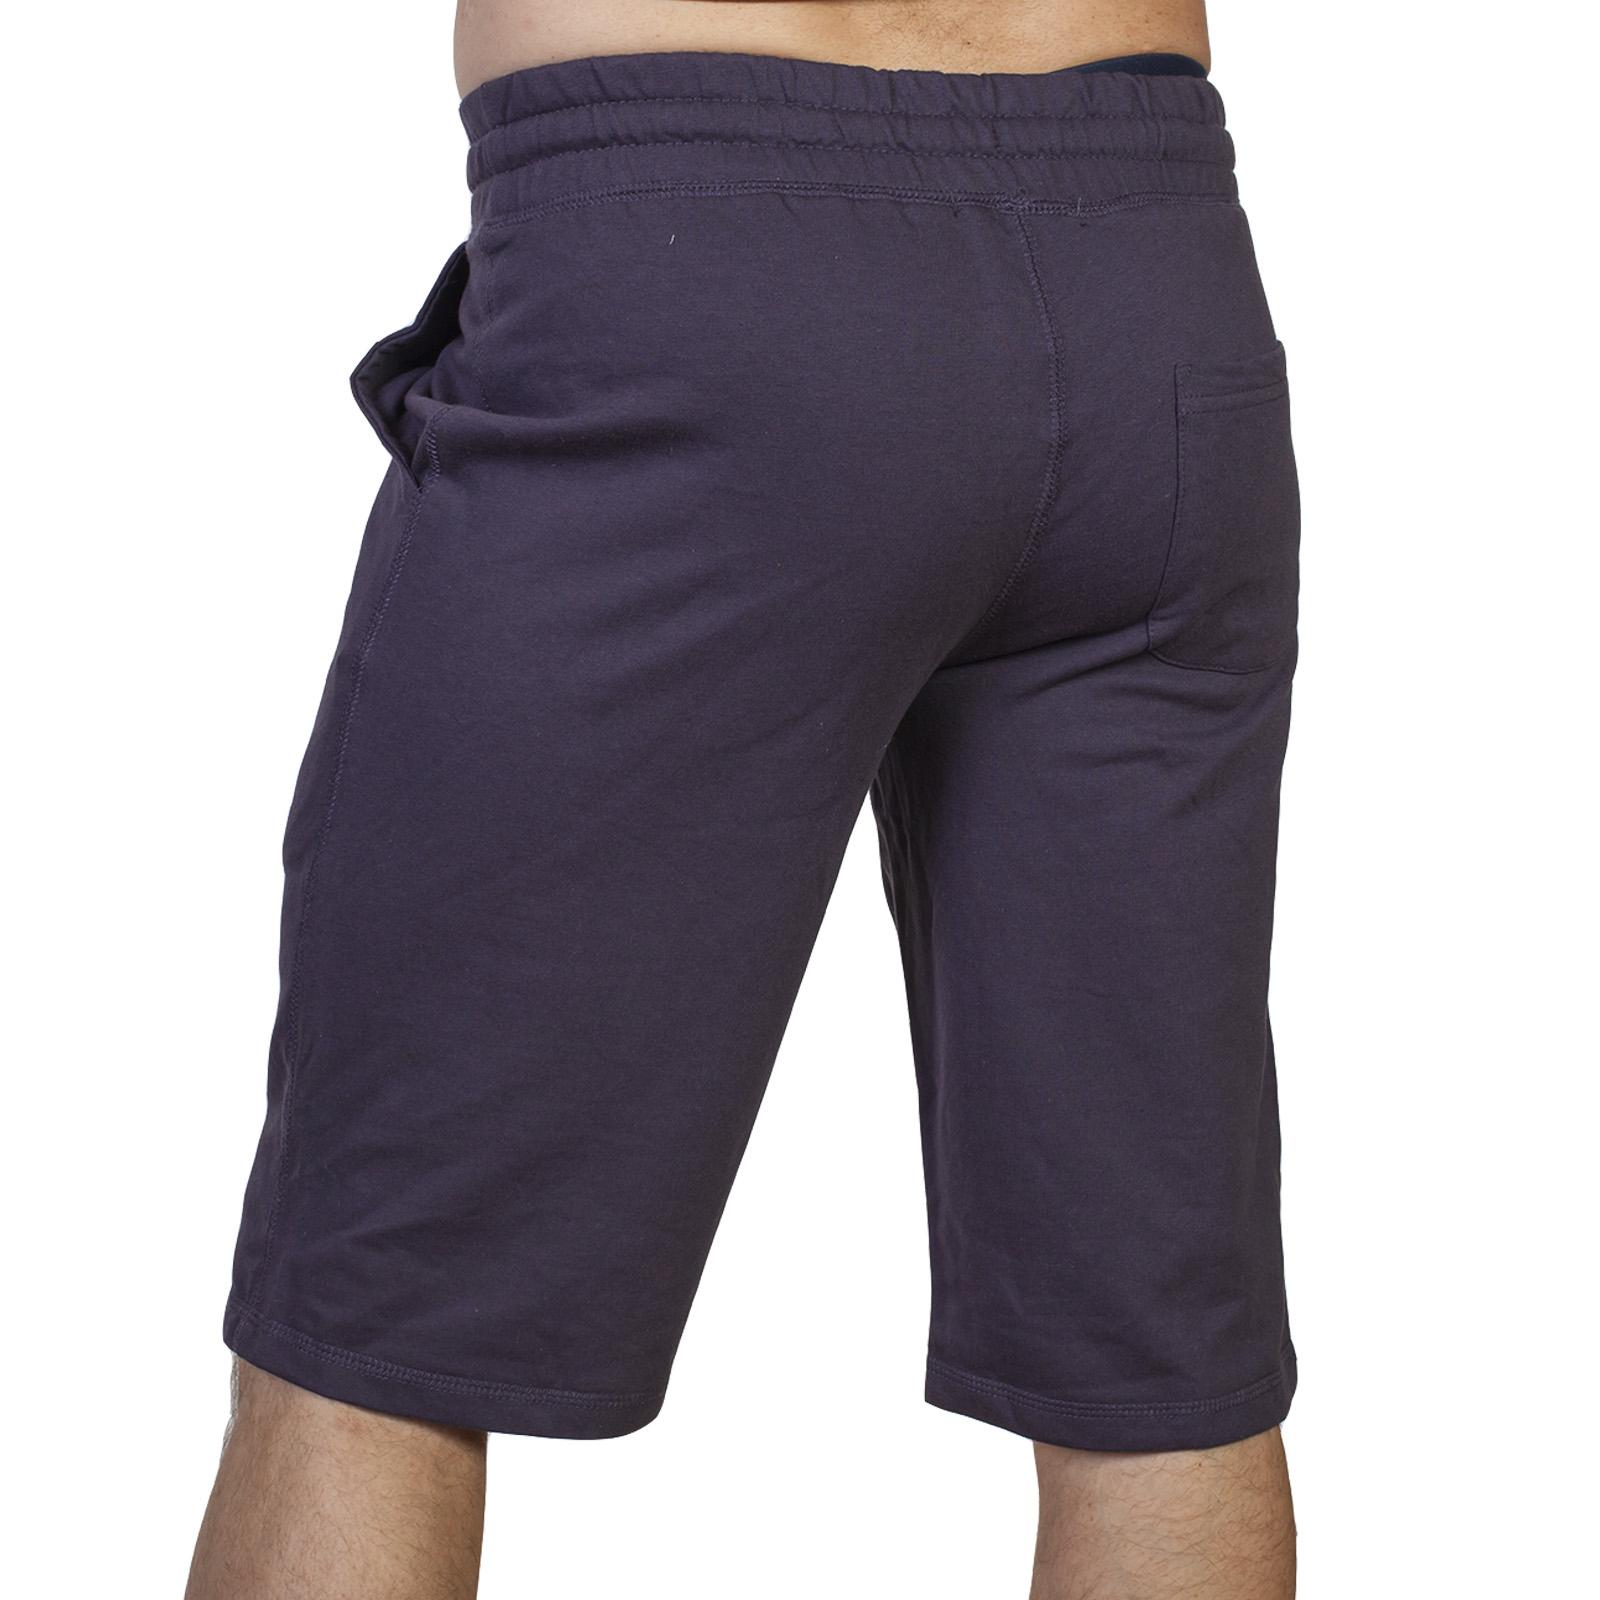 Купить оригинальные мужские шорты с вышивкой Лучший Рыбак онлайн с доставкой